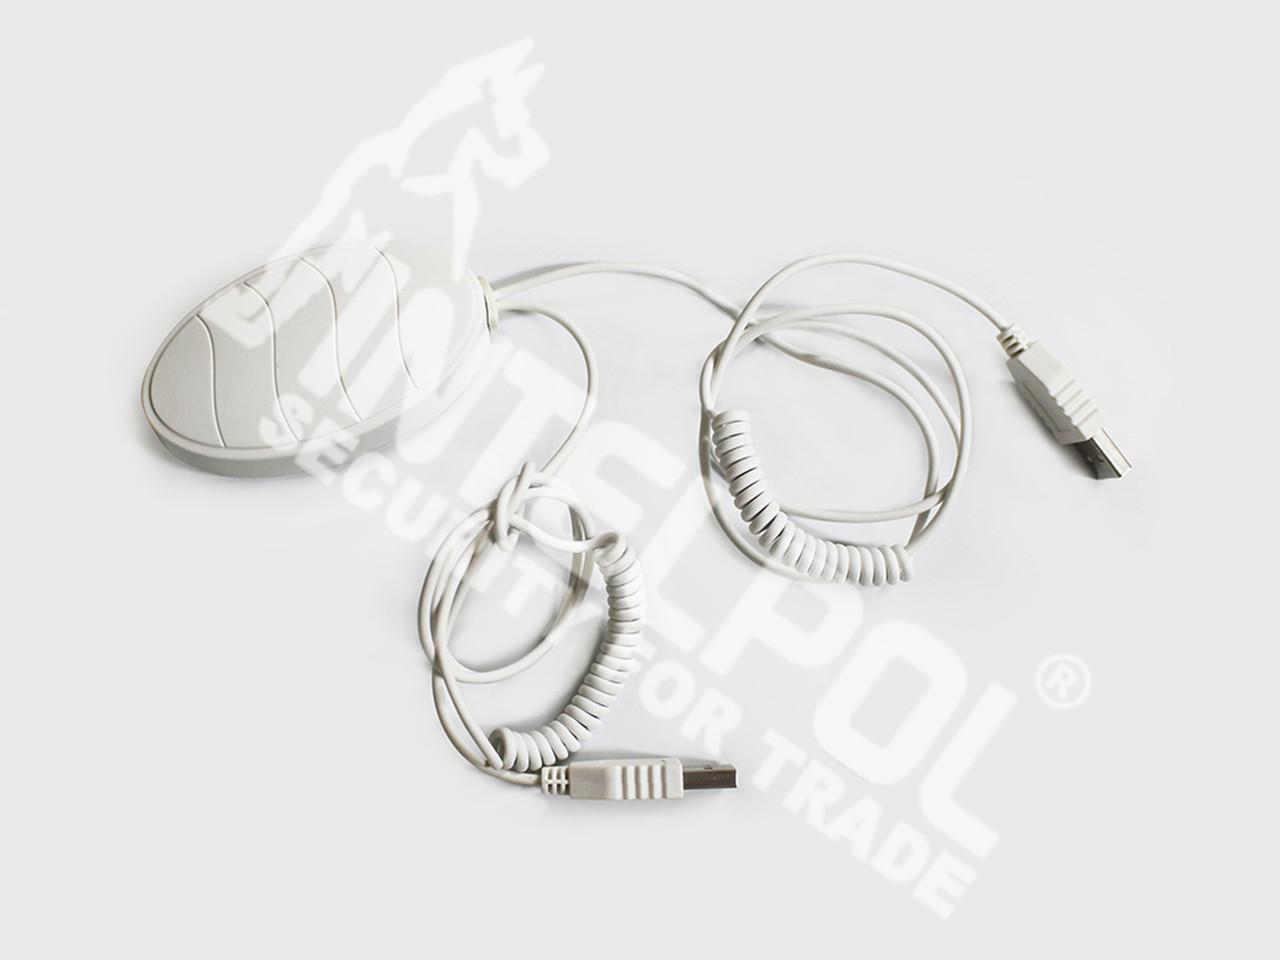 Автономный датчик Safeplay SP2503 для устройств с USB портом